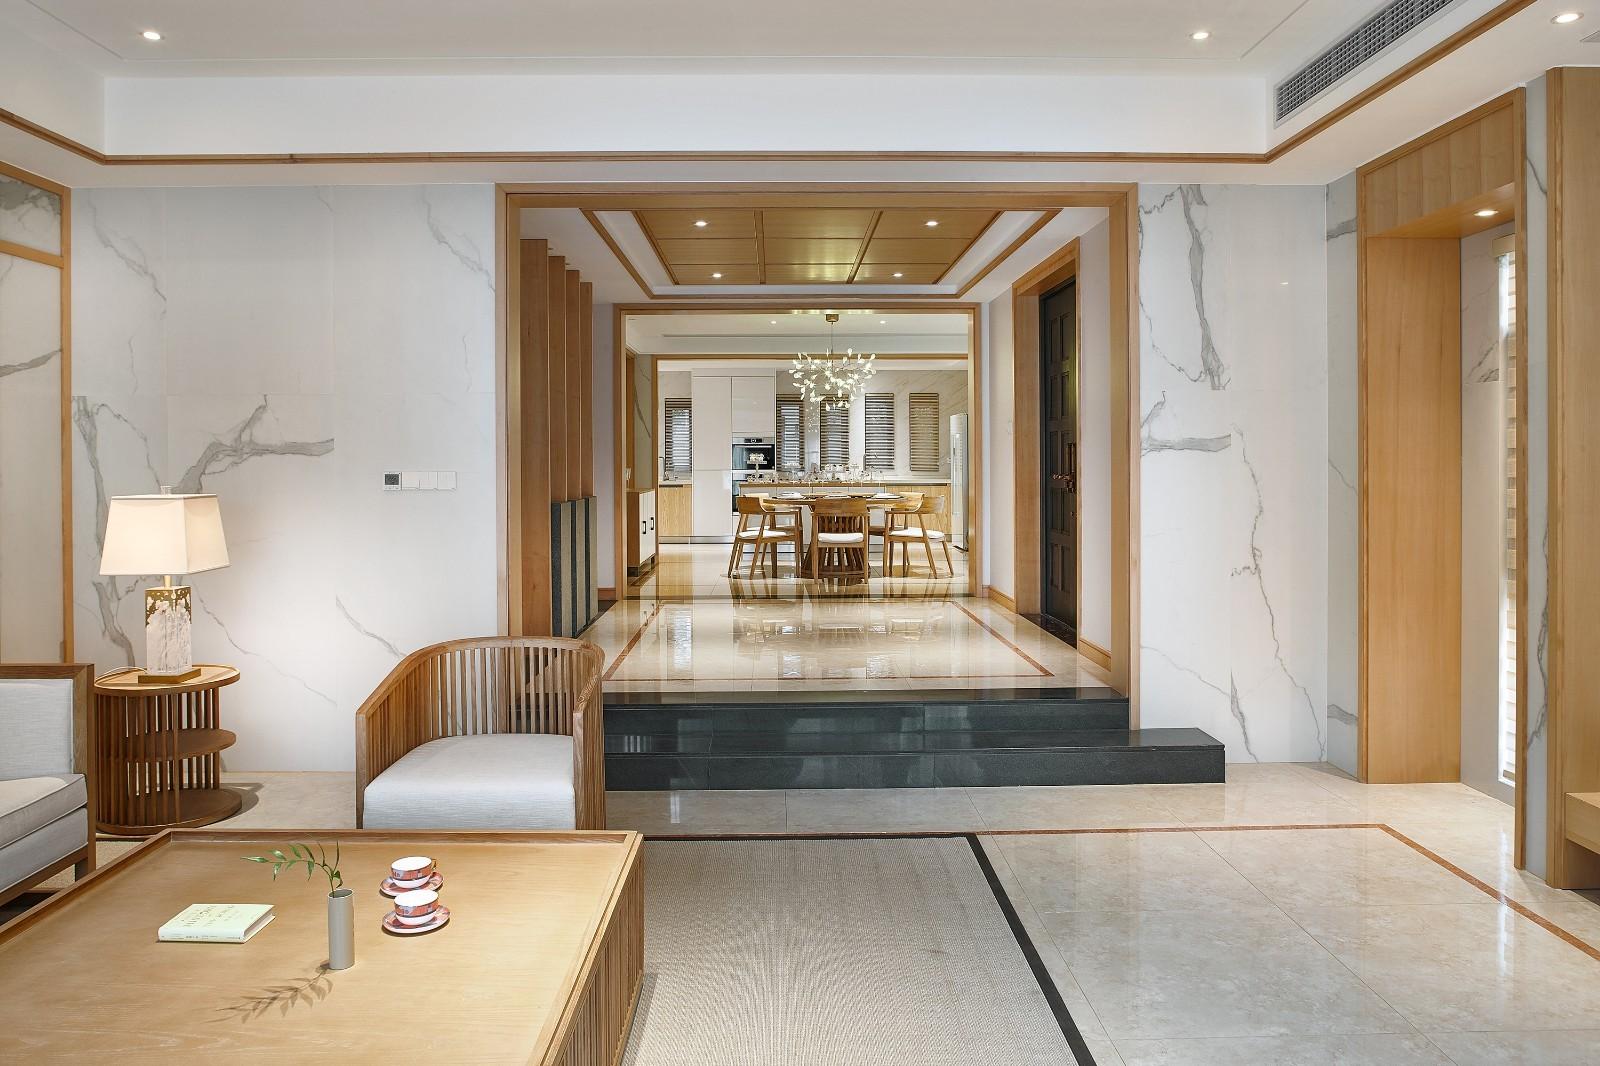 2021新中式240平米装修图片 2021新中式别墅装饰设计